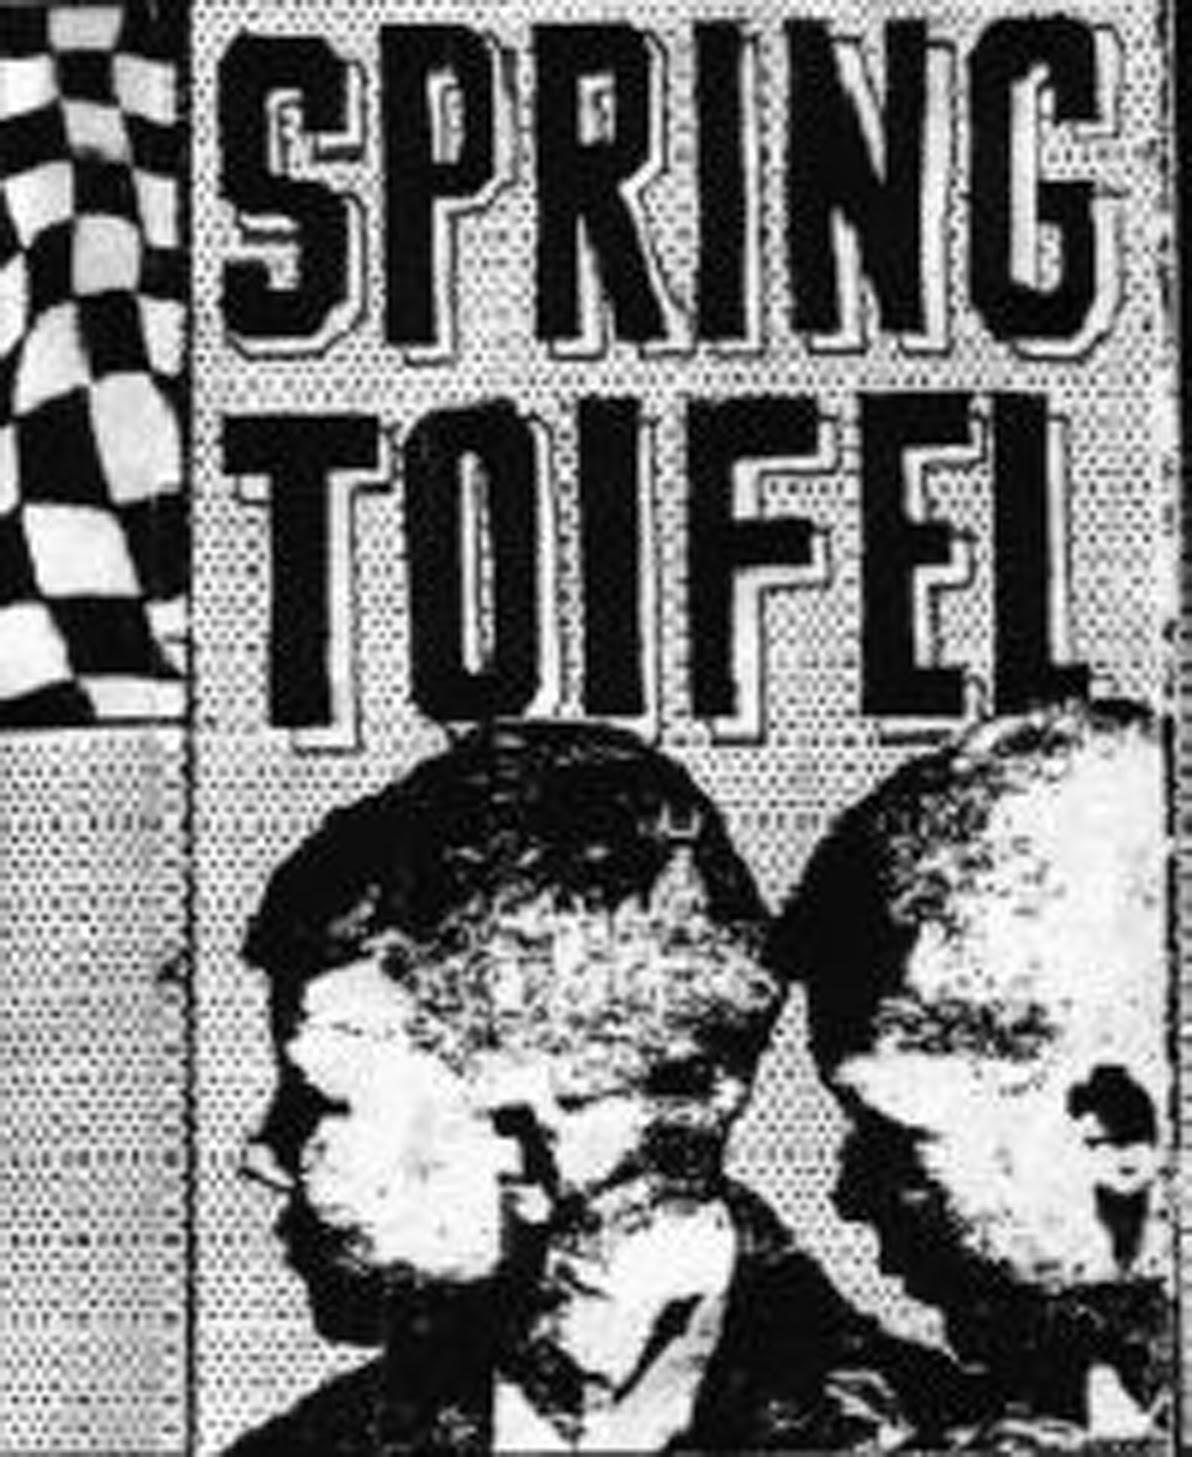 Springtoifel - 10 Jahre Satanische Takte